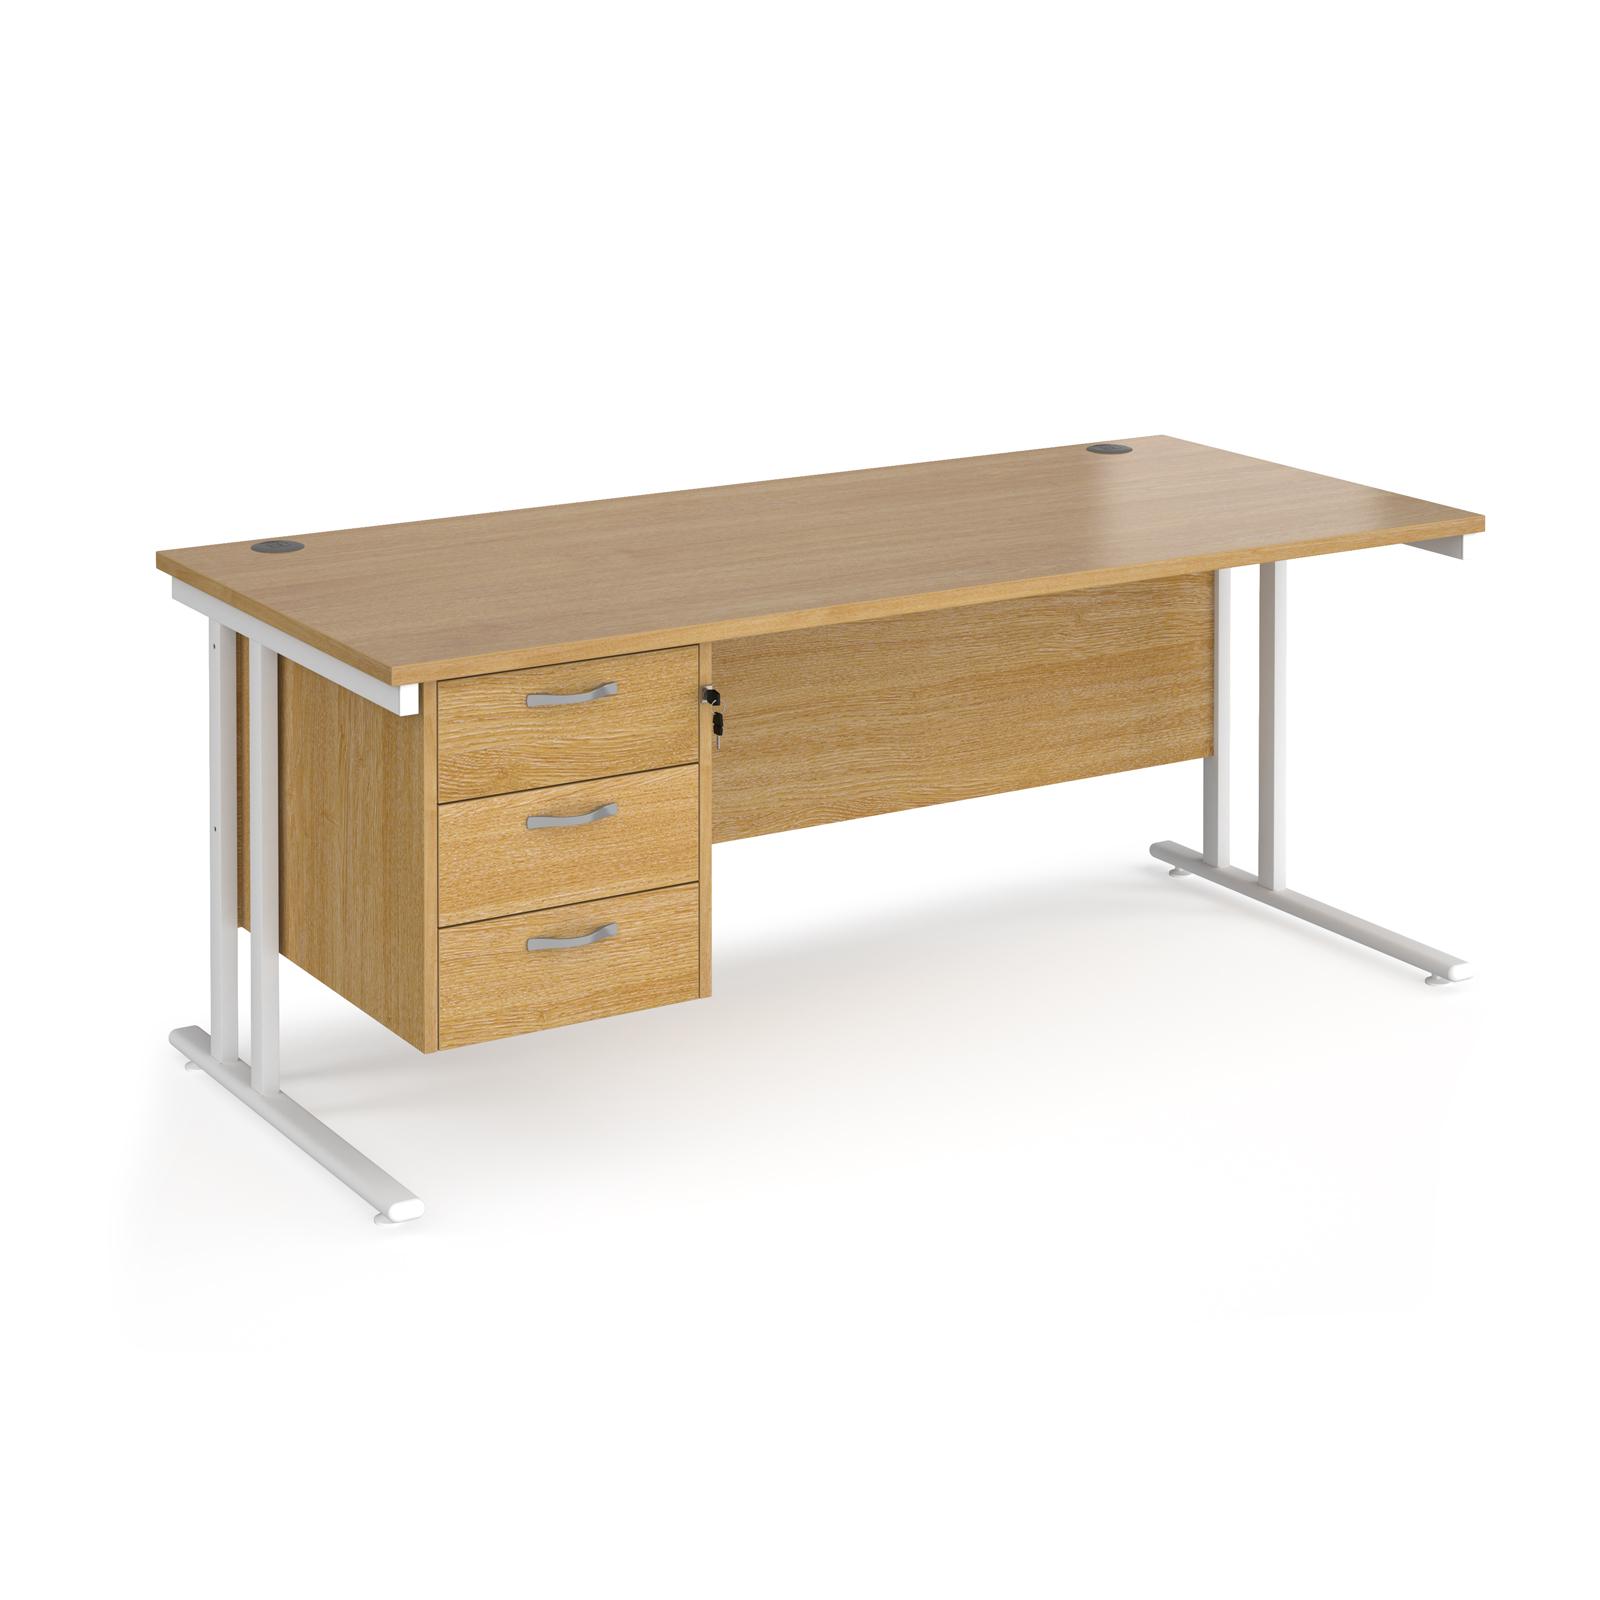 Rectangular Desks Maestro 25 straight desk 1800mm x 800mm with 3 drawer pedestal - white cantilever leg frame, oak top